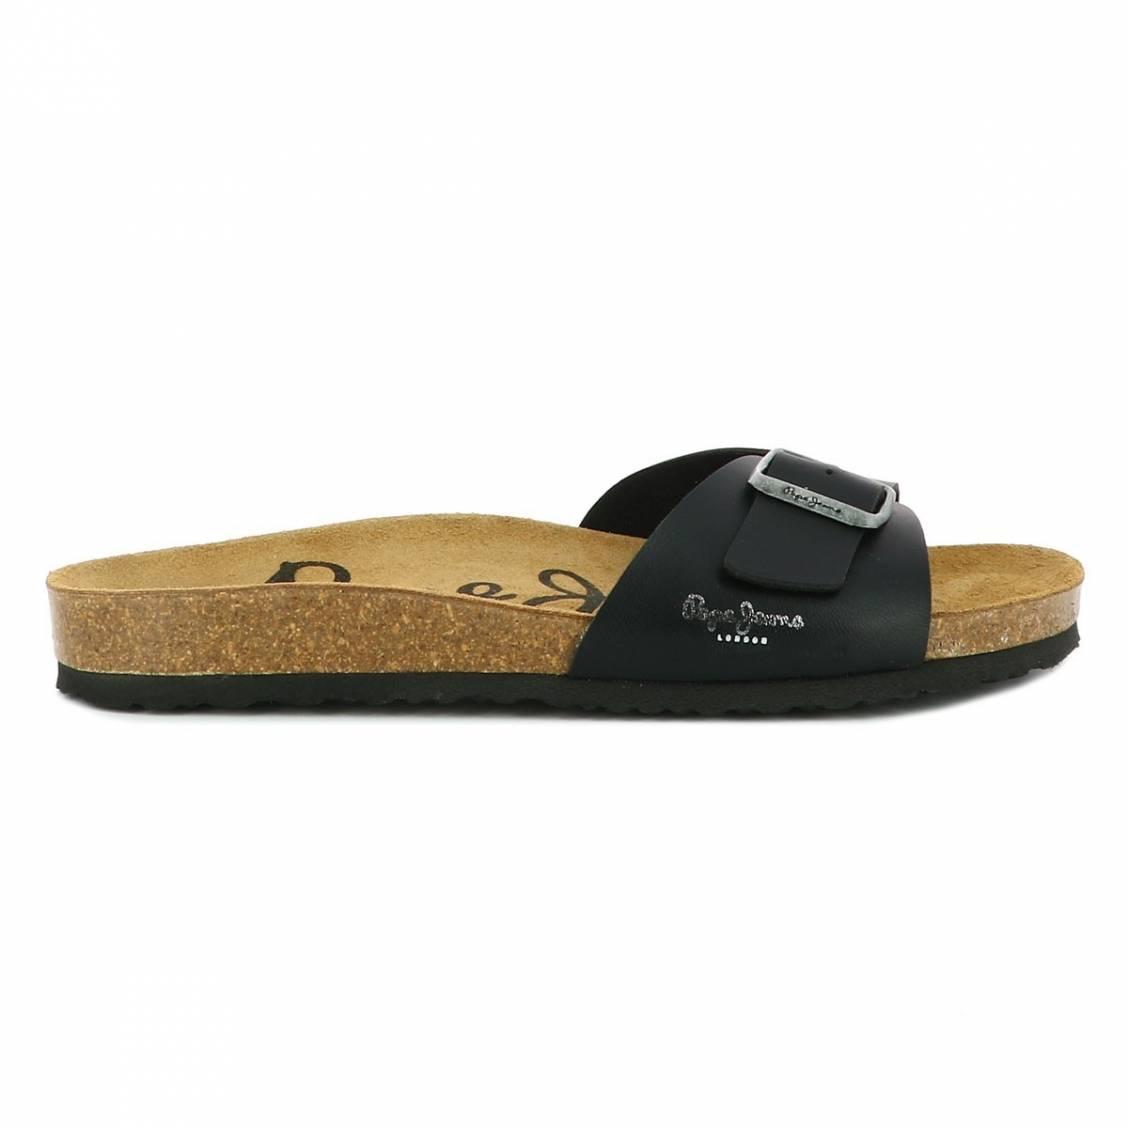 Sandales pepe jeans bio noires